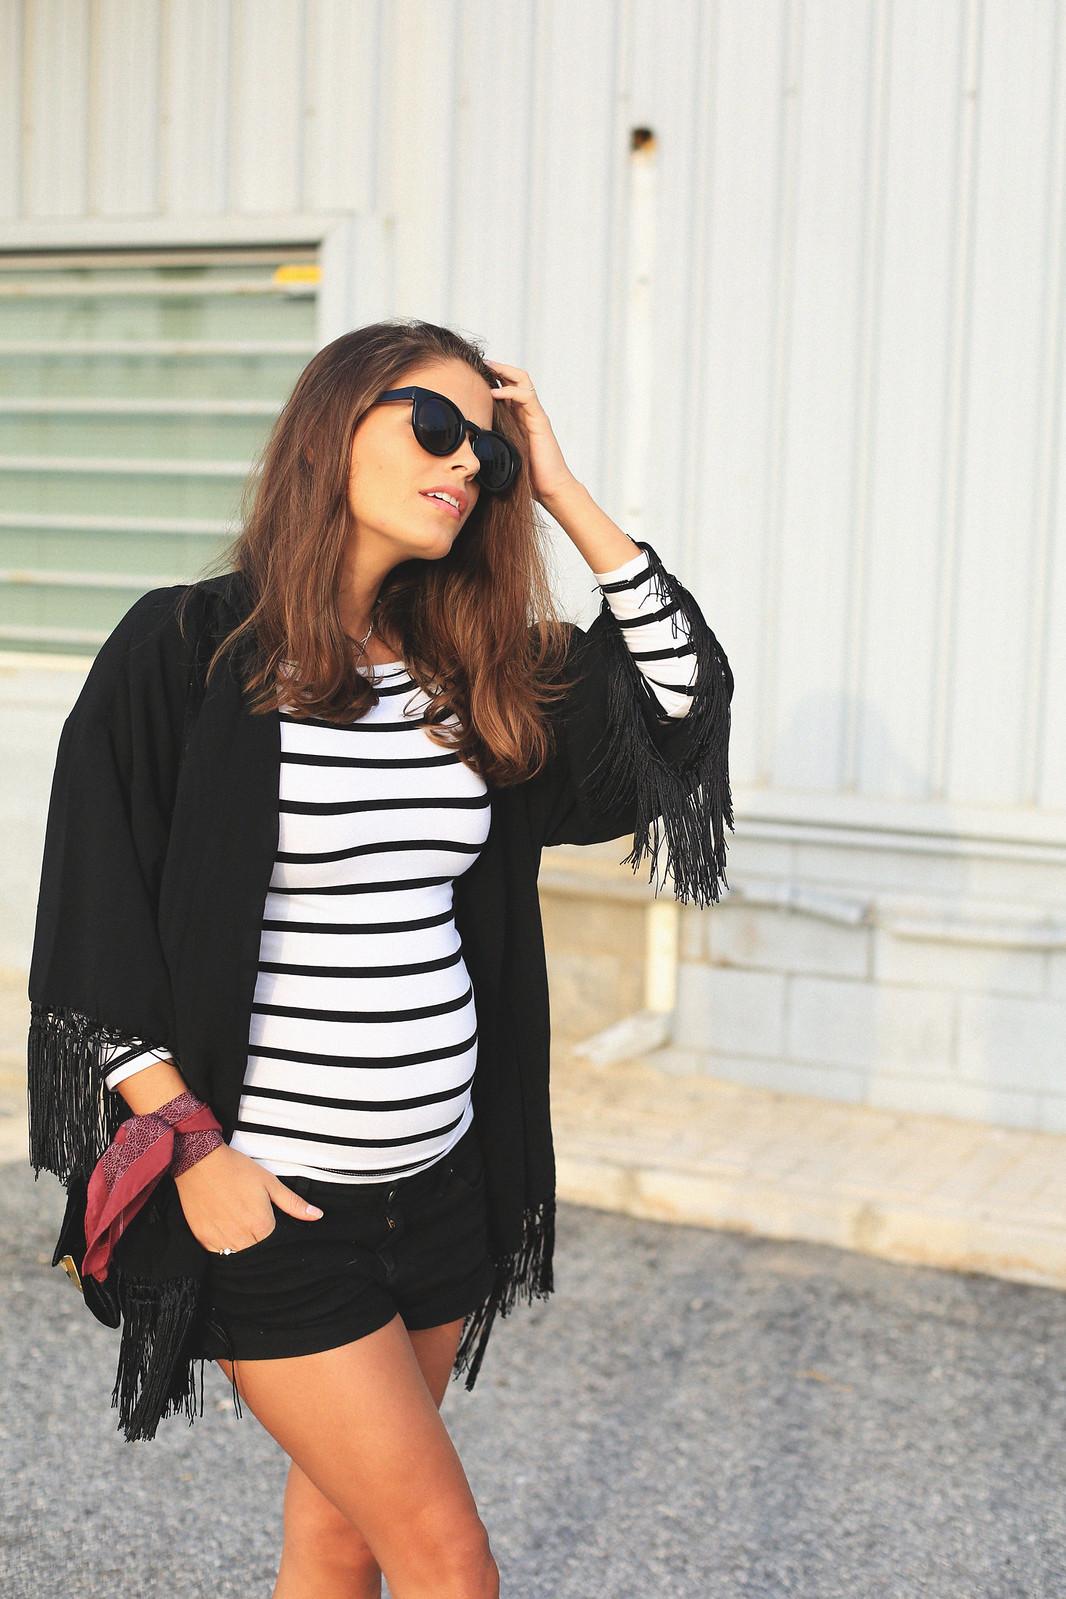 jessie_chanes_seams_for_a_desire_black_kimono_striped_top_off_shoulders_8